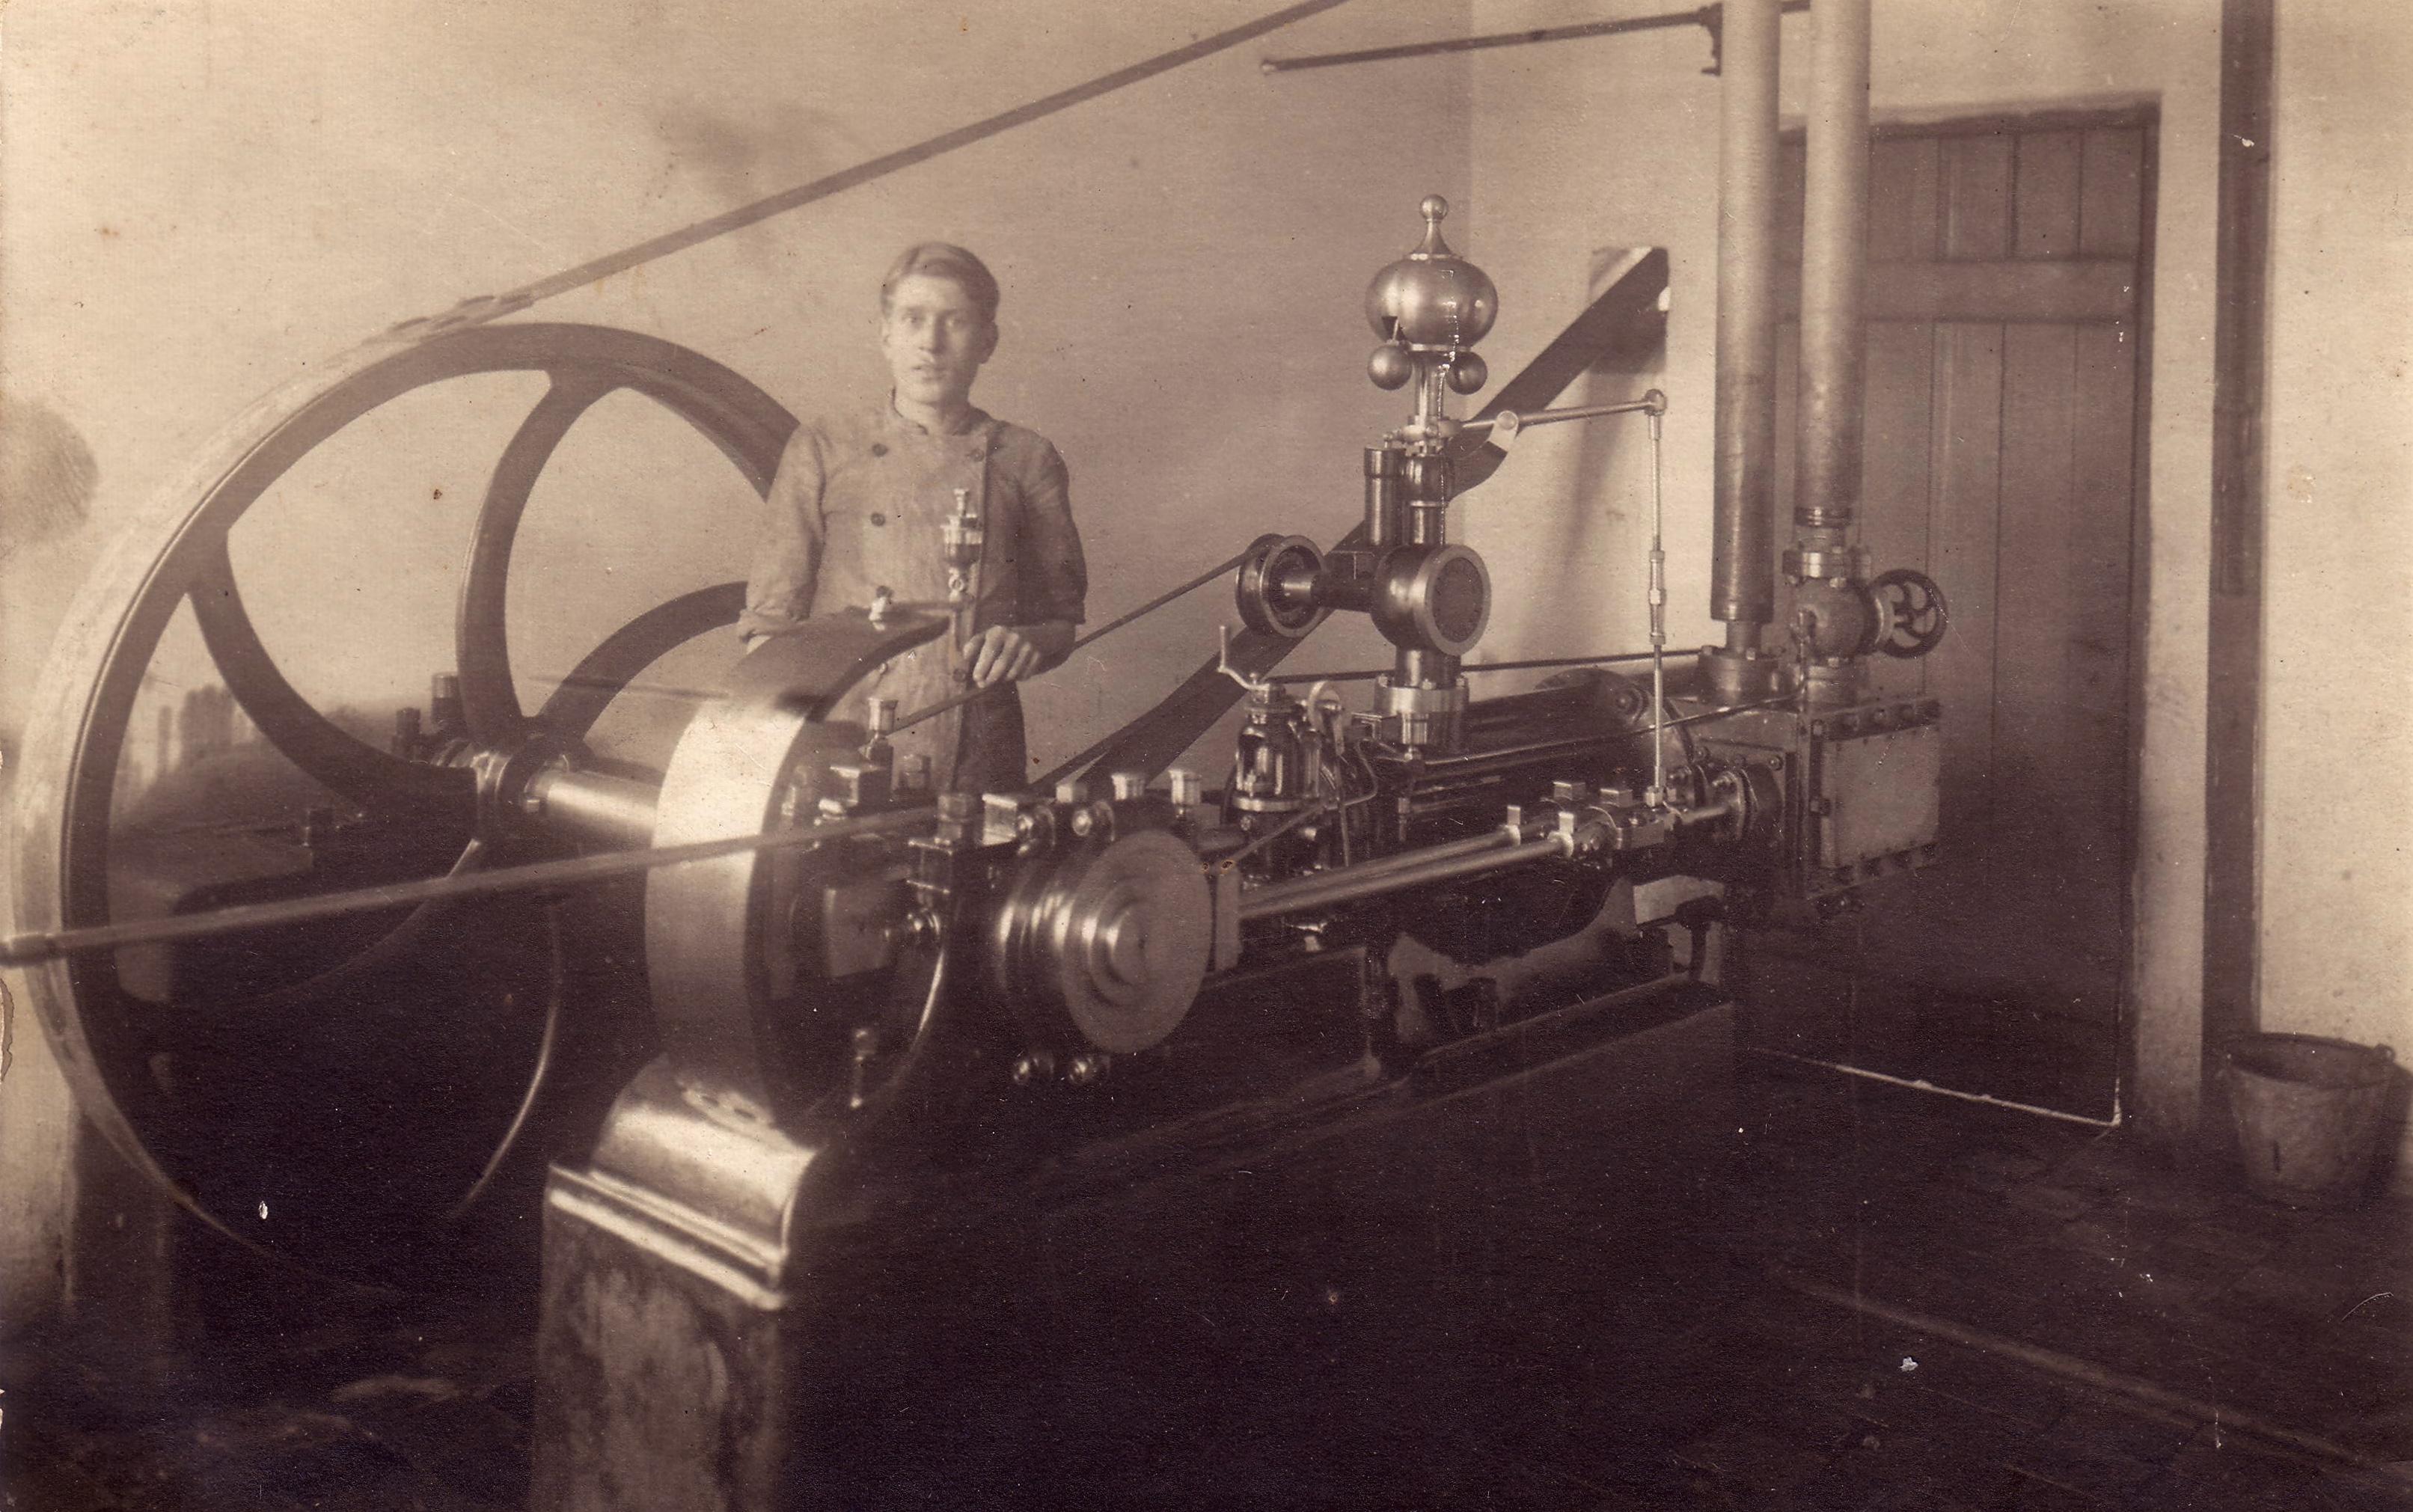 Andelsmejeriets dampmaskine.